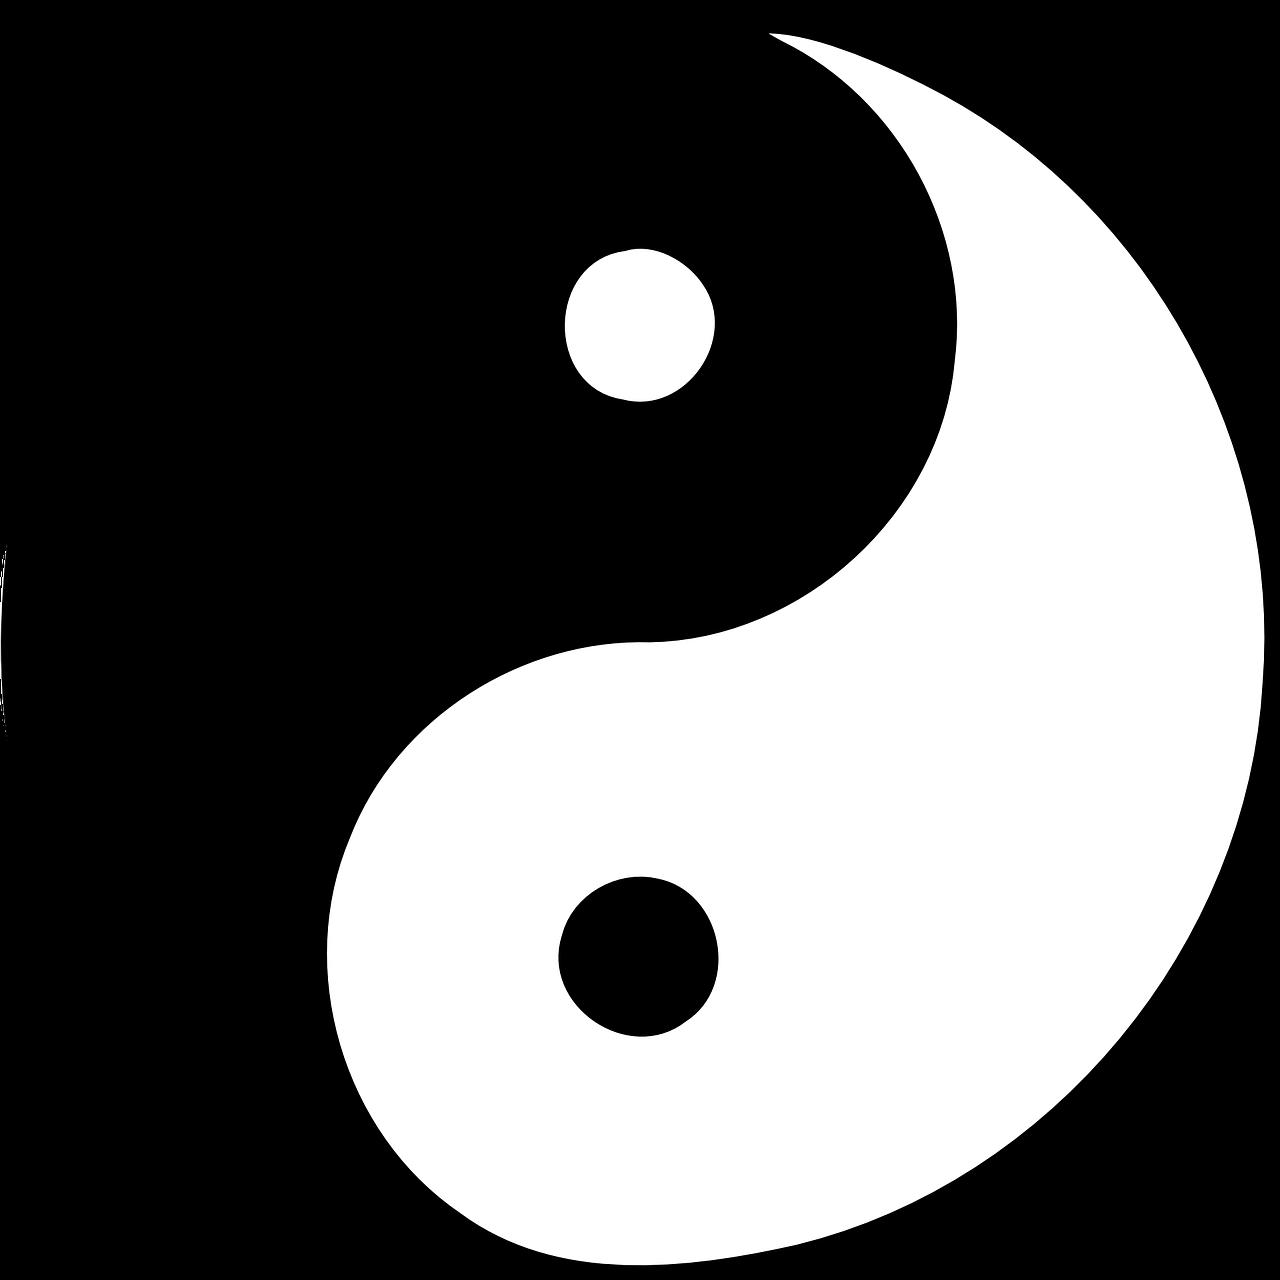 yin yn